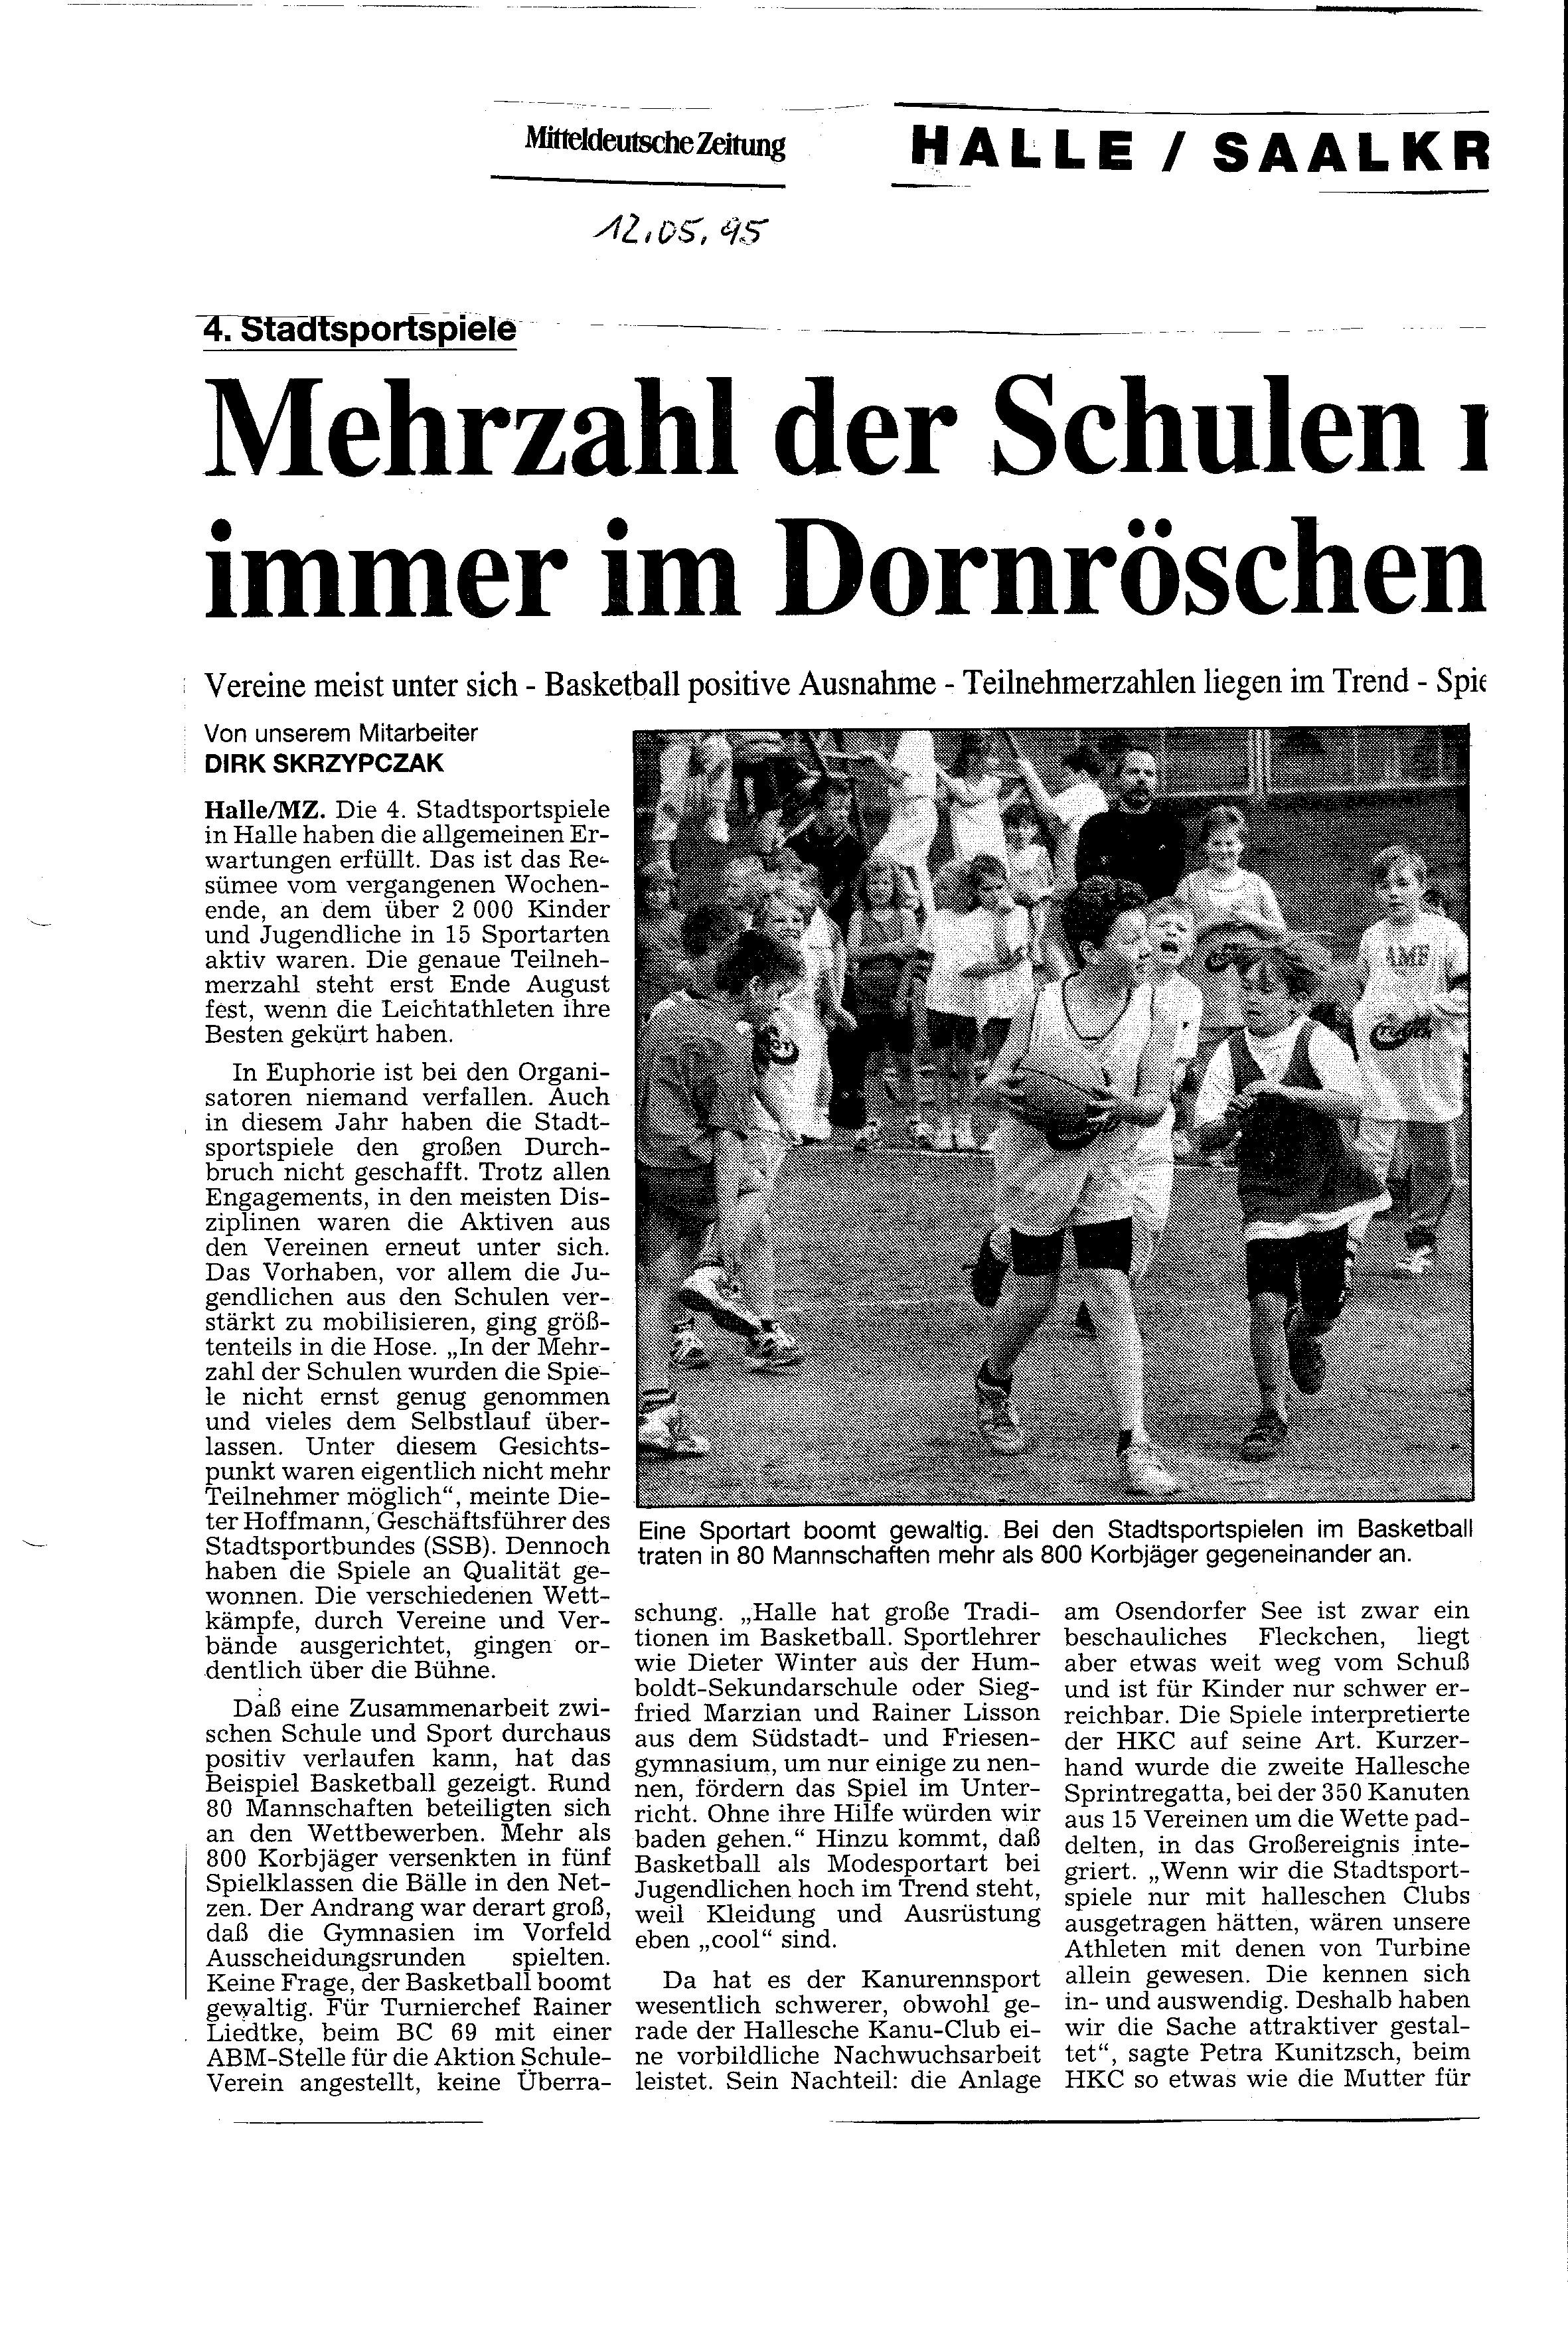 1995-05-12 MZ Mehrzahl der Schulen noch immer im Dornröschenschlaf